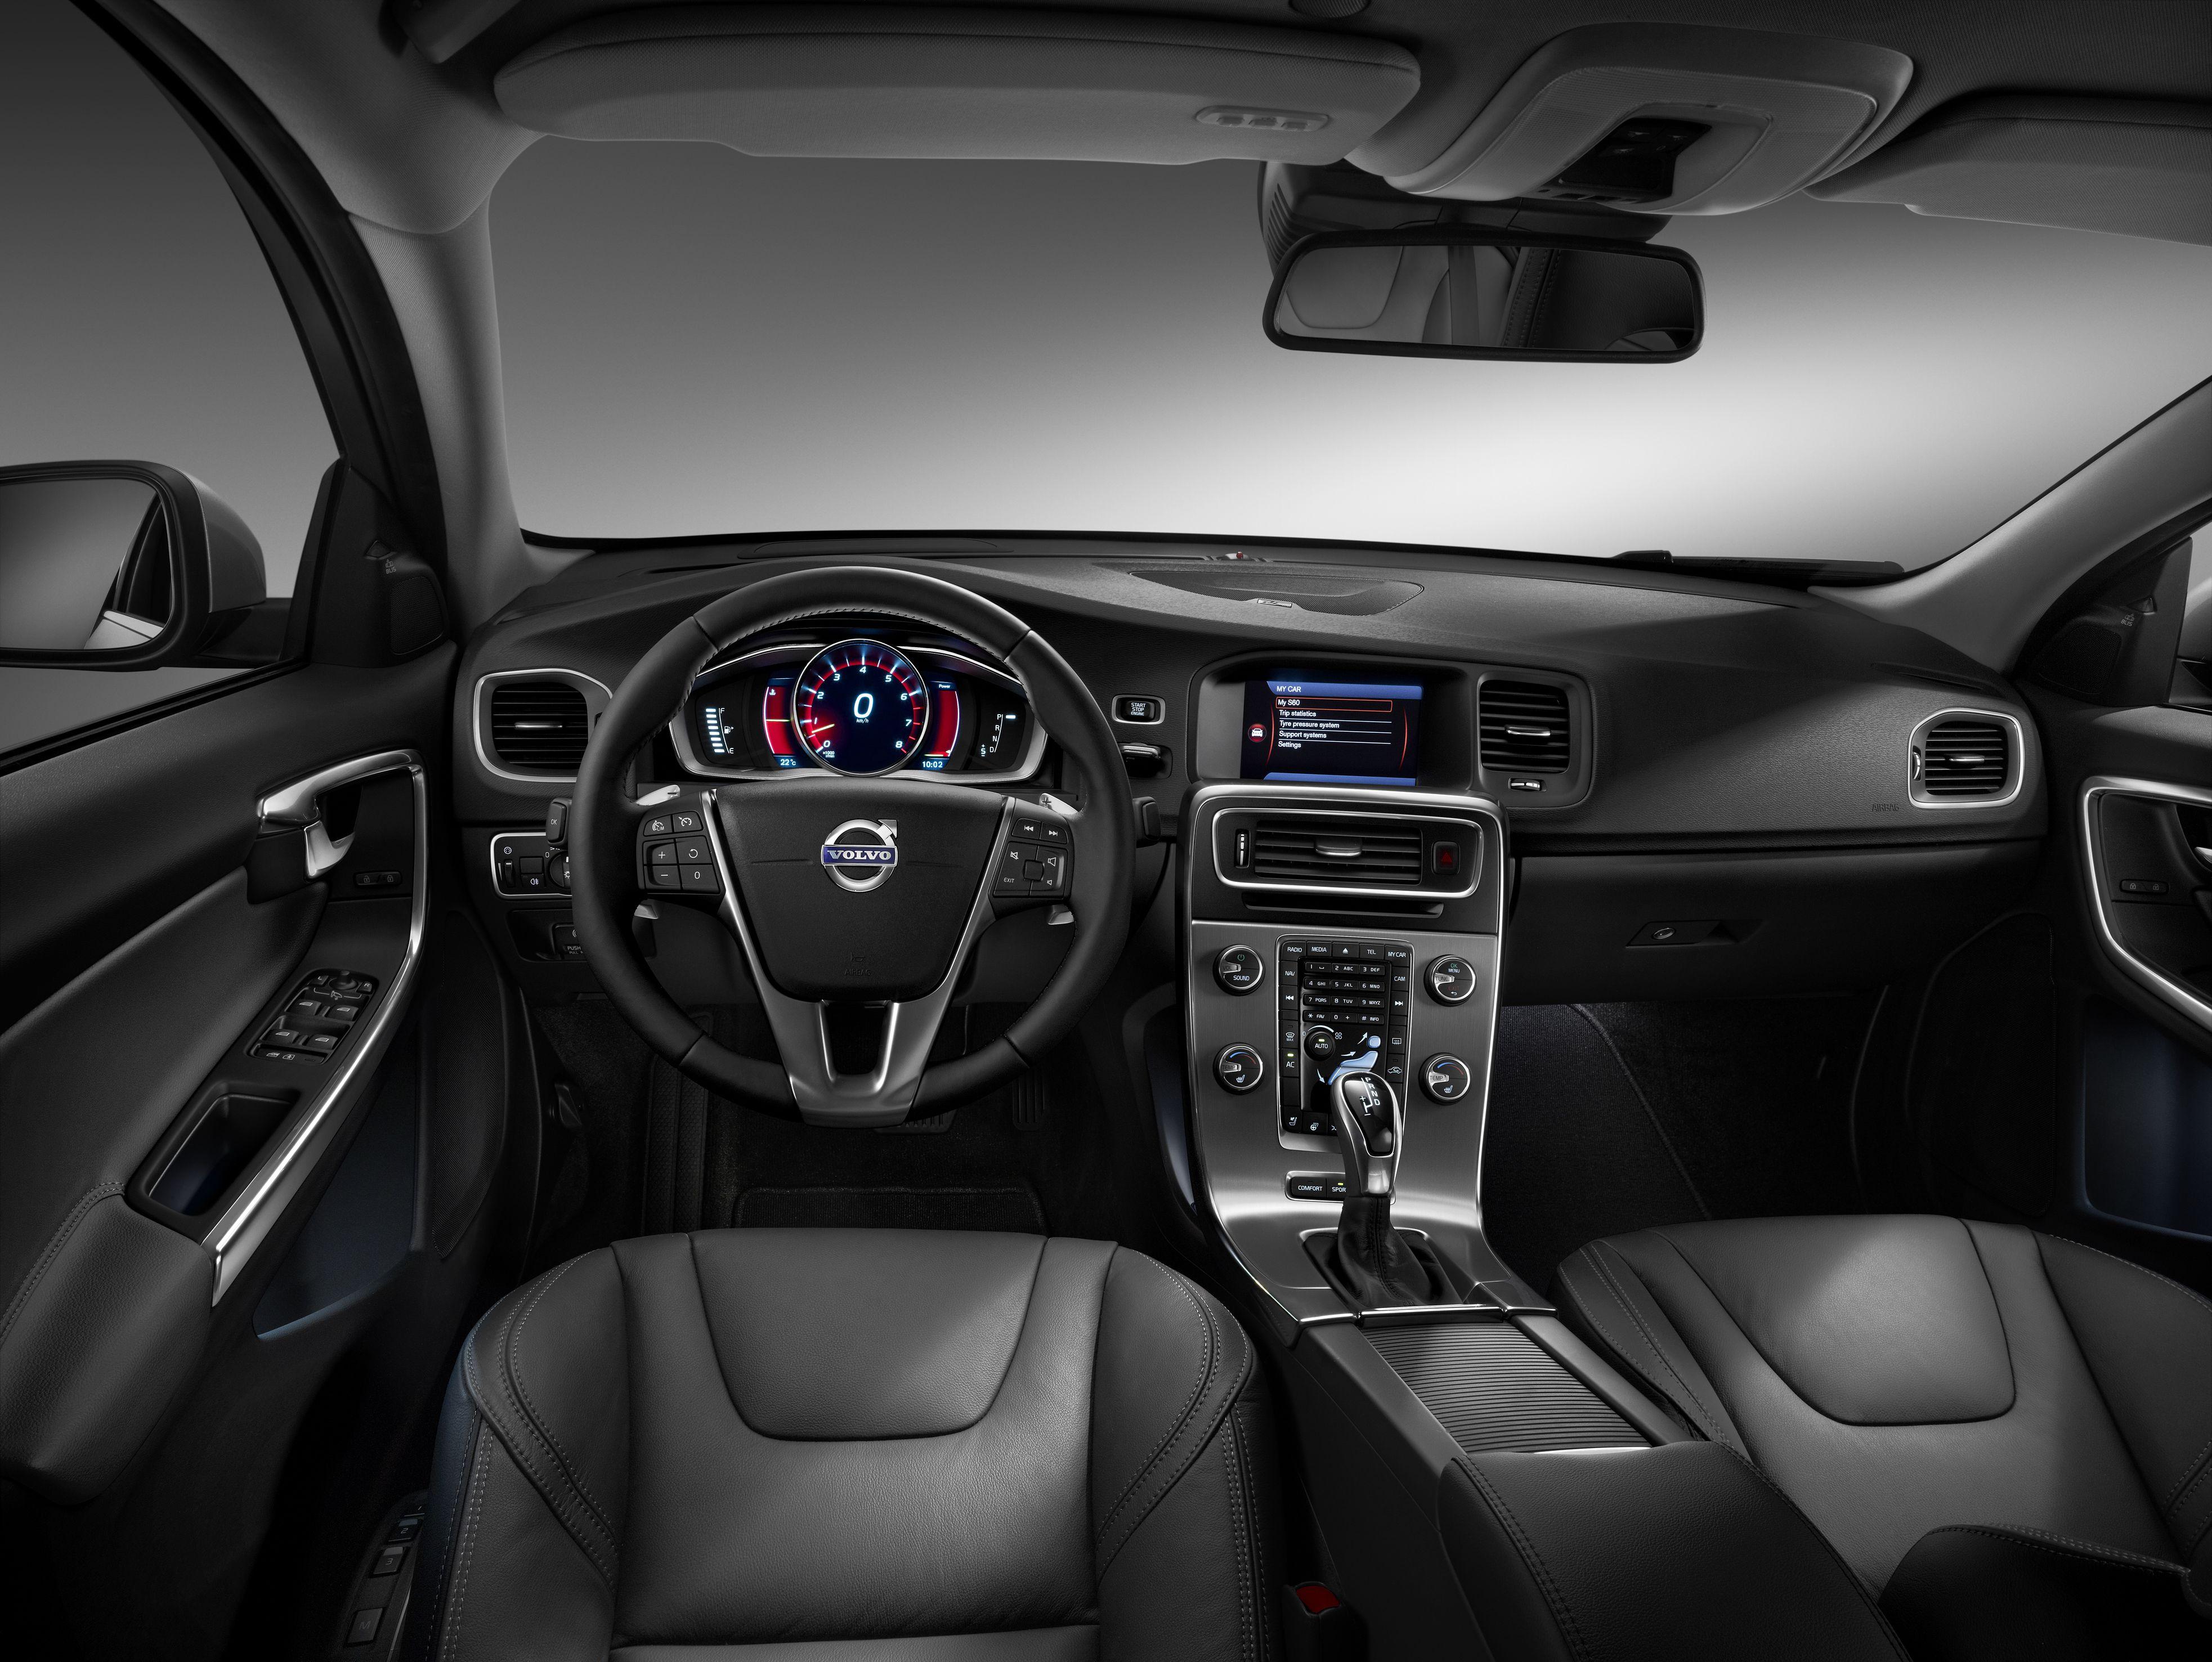 Volvo V60 interieur | zEEyEEx | Pinterest | Volvo v60 and Volvo